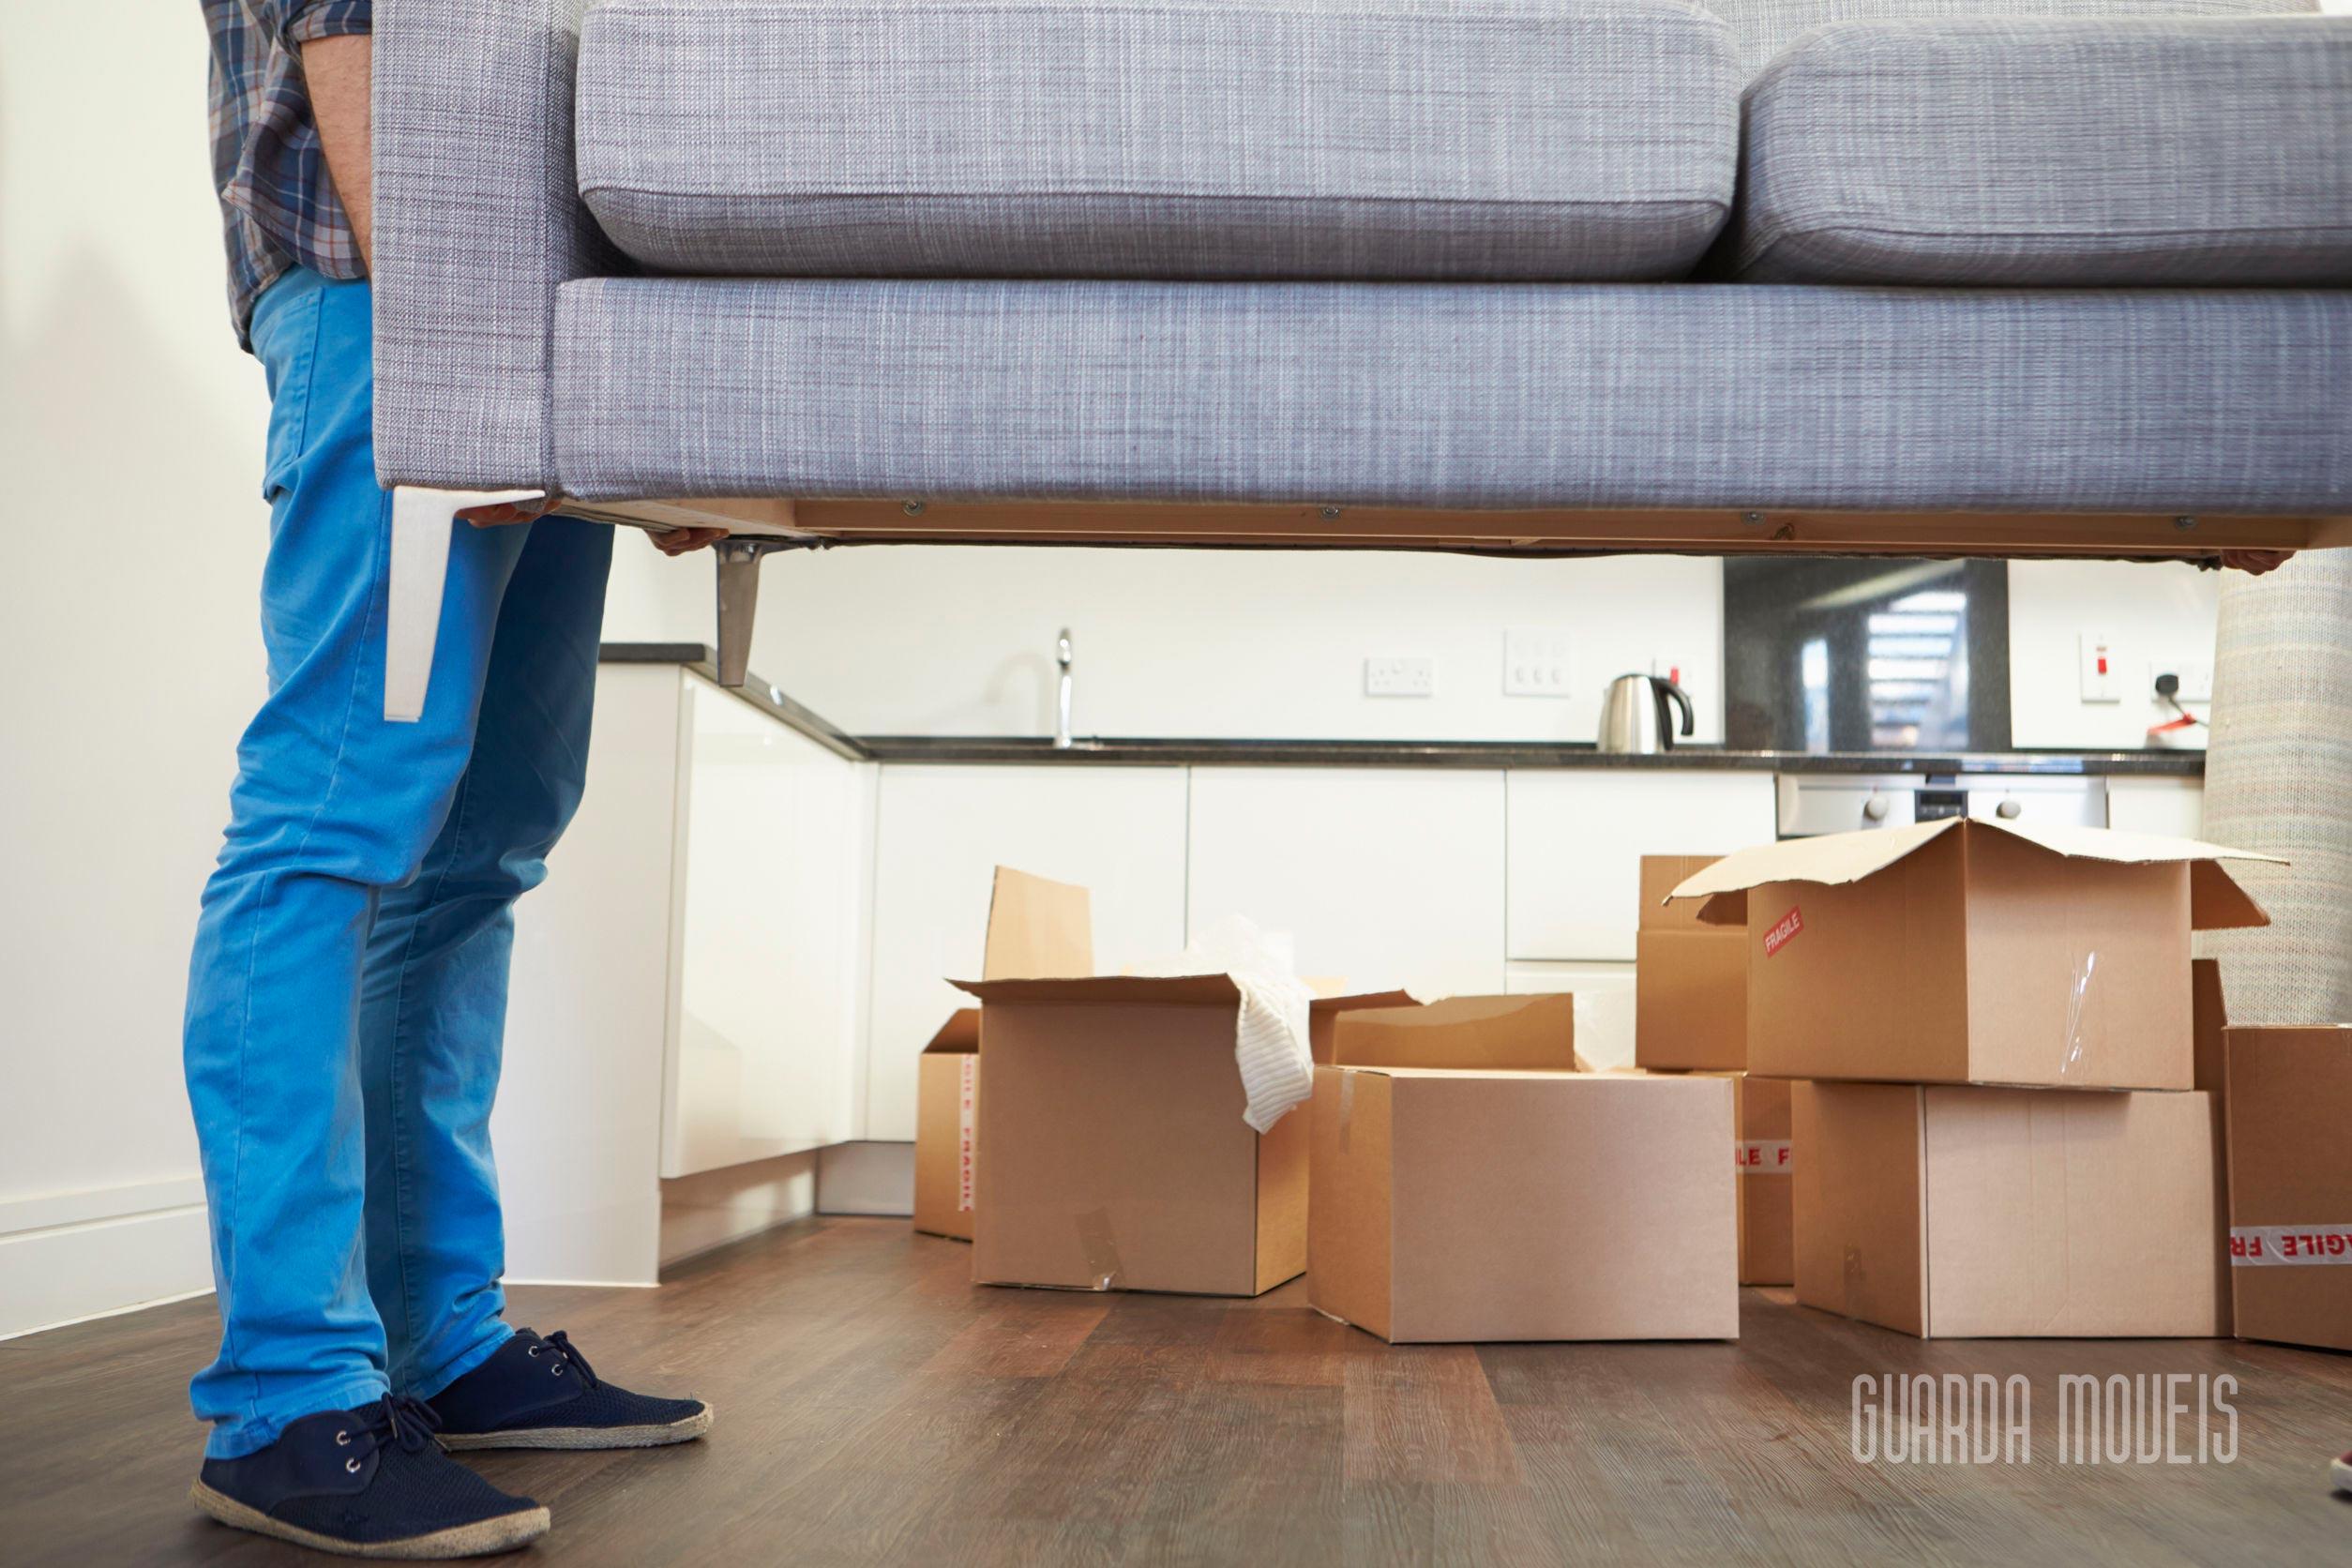 Conheça o jeito certo de transportar e guardar móveis